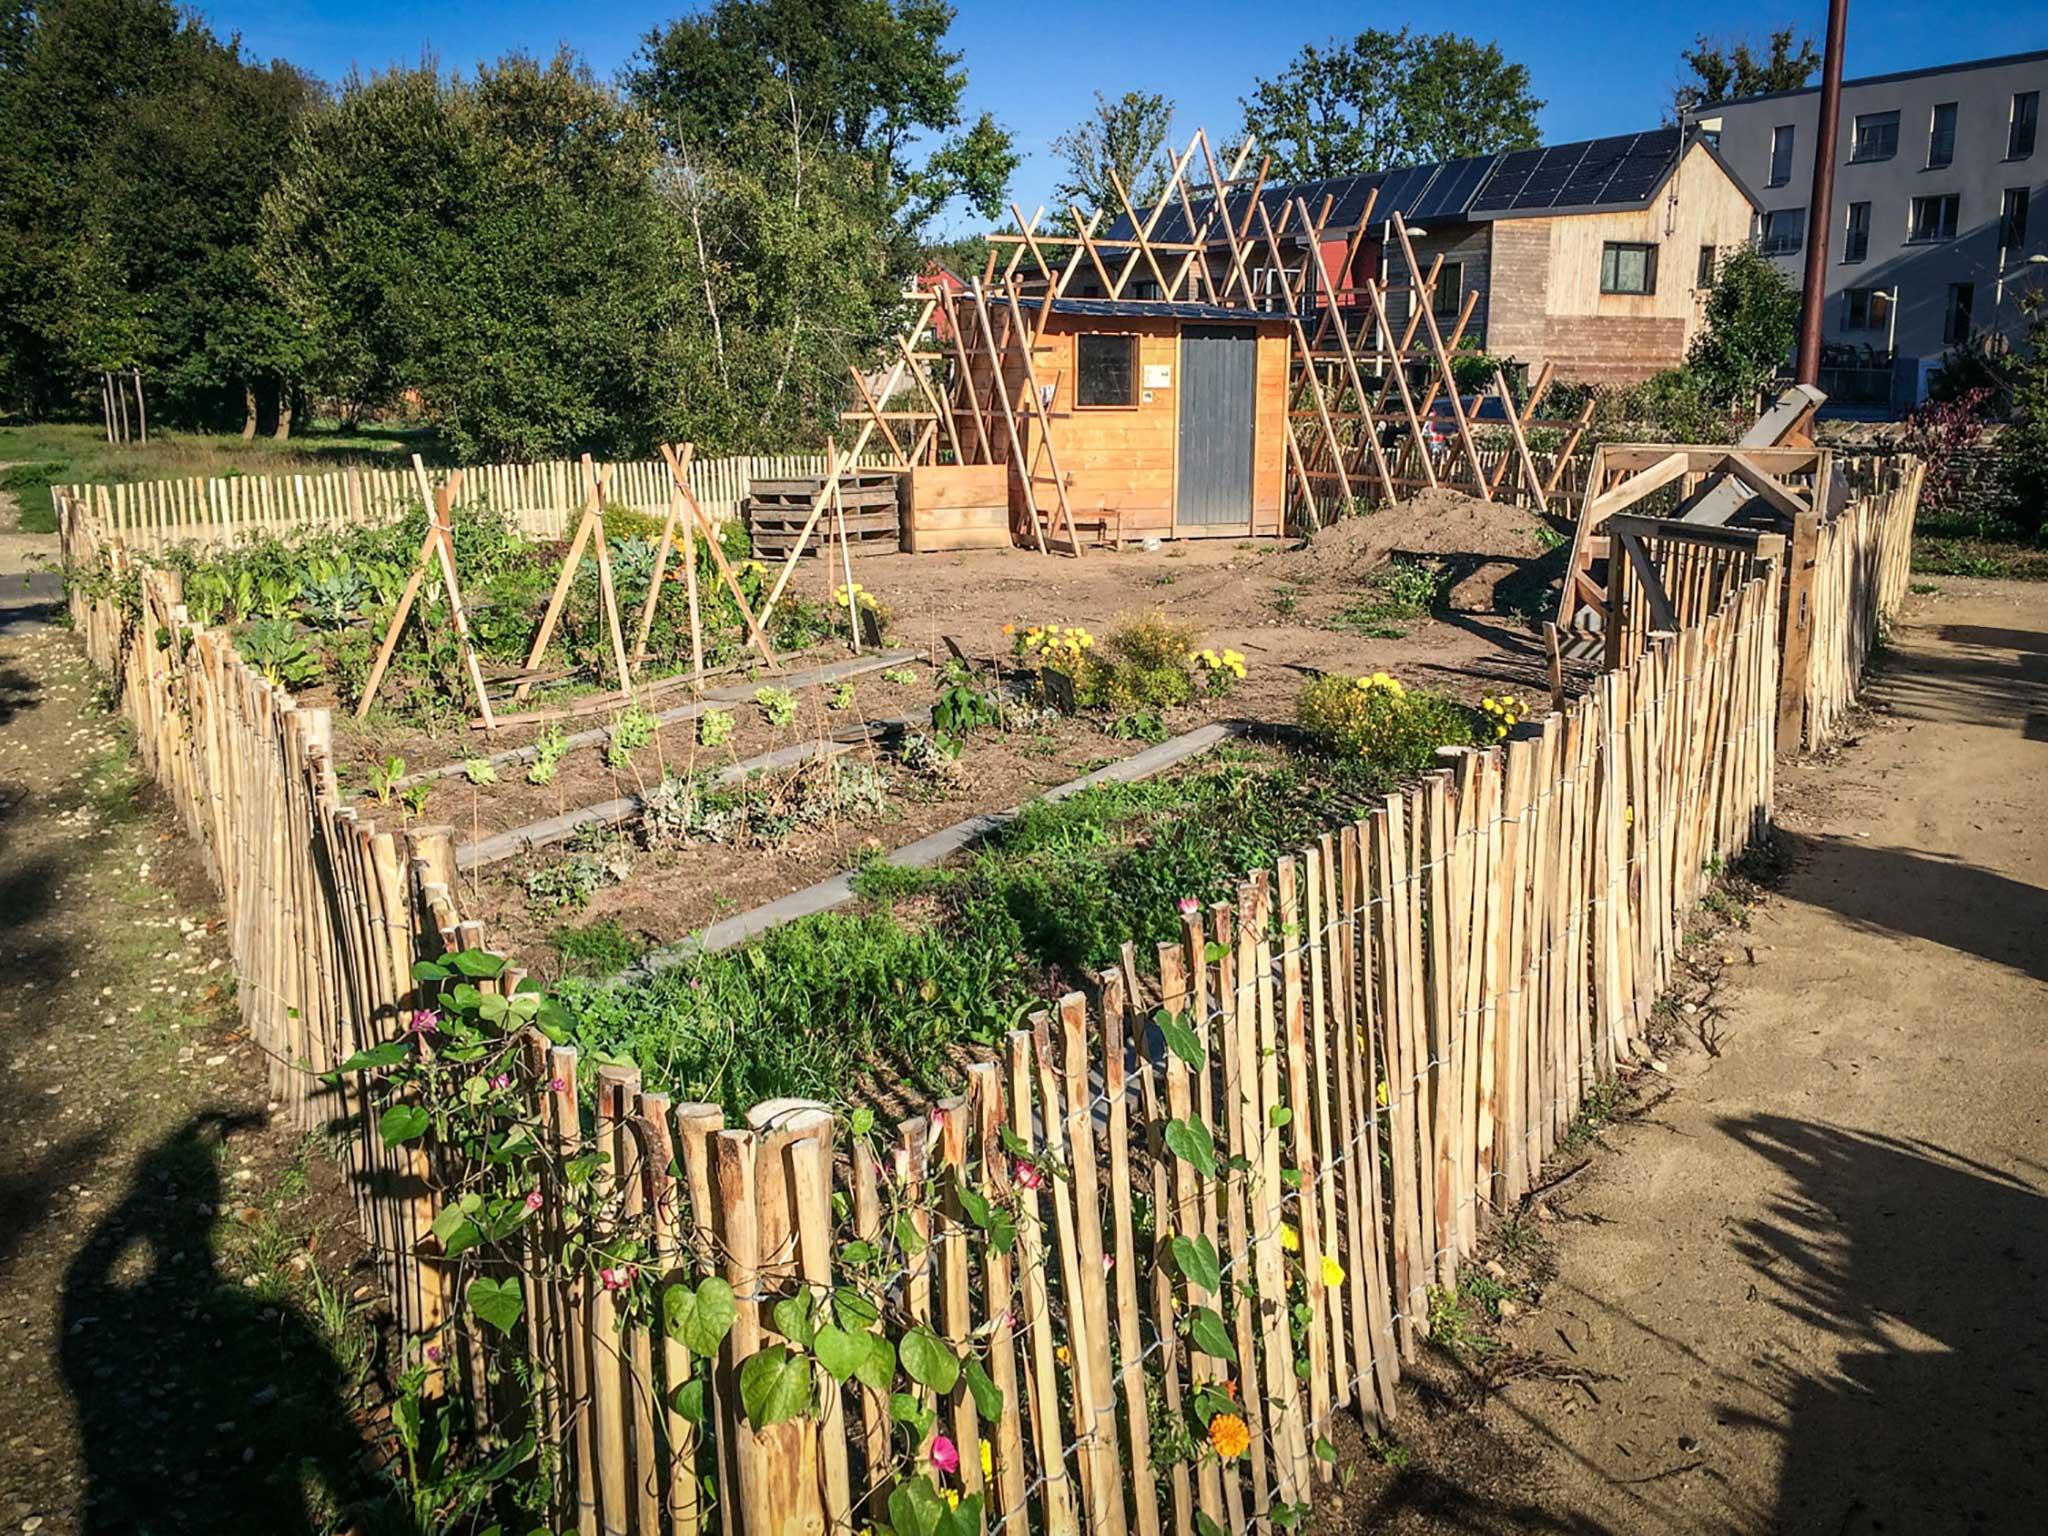 Legumes A Mettre Dans Le Jardin le trait d'oignon, un jardin collectif au cœur du quartier